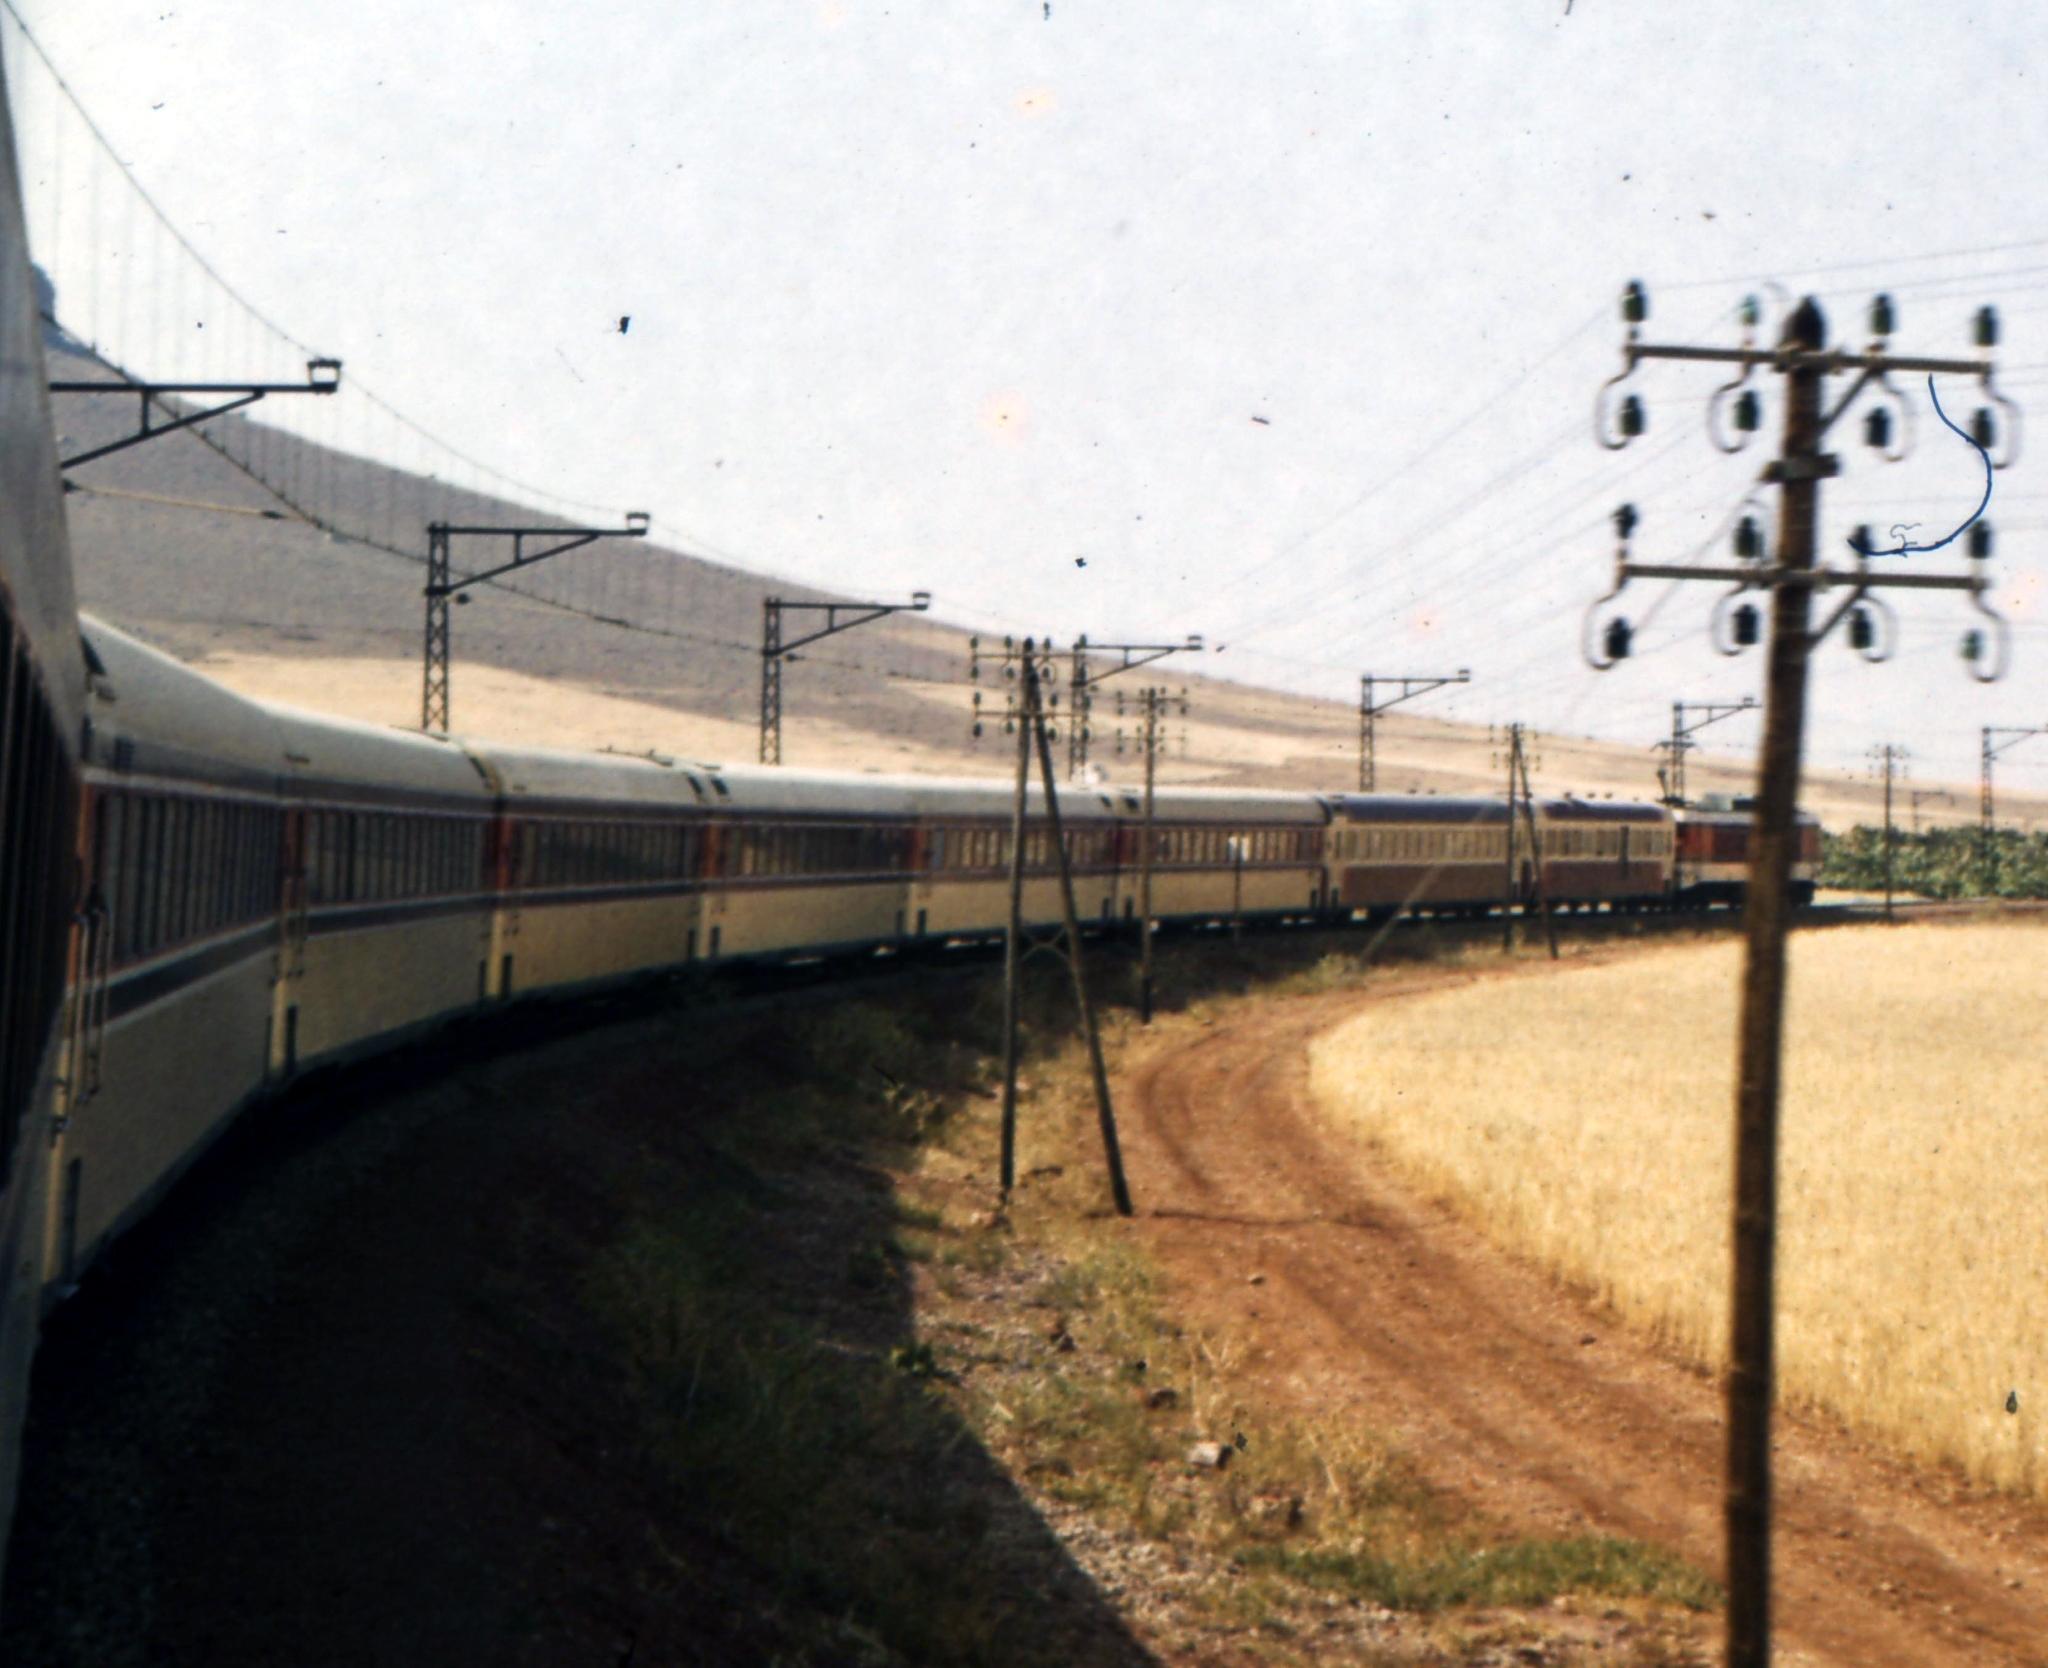 Chemins de Fer au Maroc - ONCF  - Page 2 49380202902_07a50e33c3_o_d